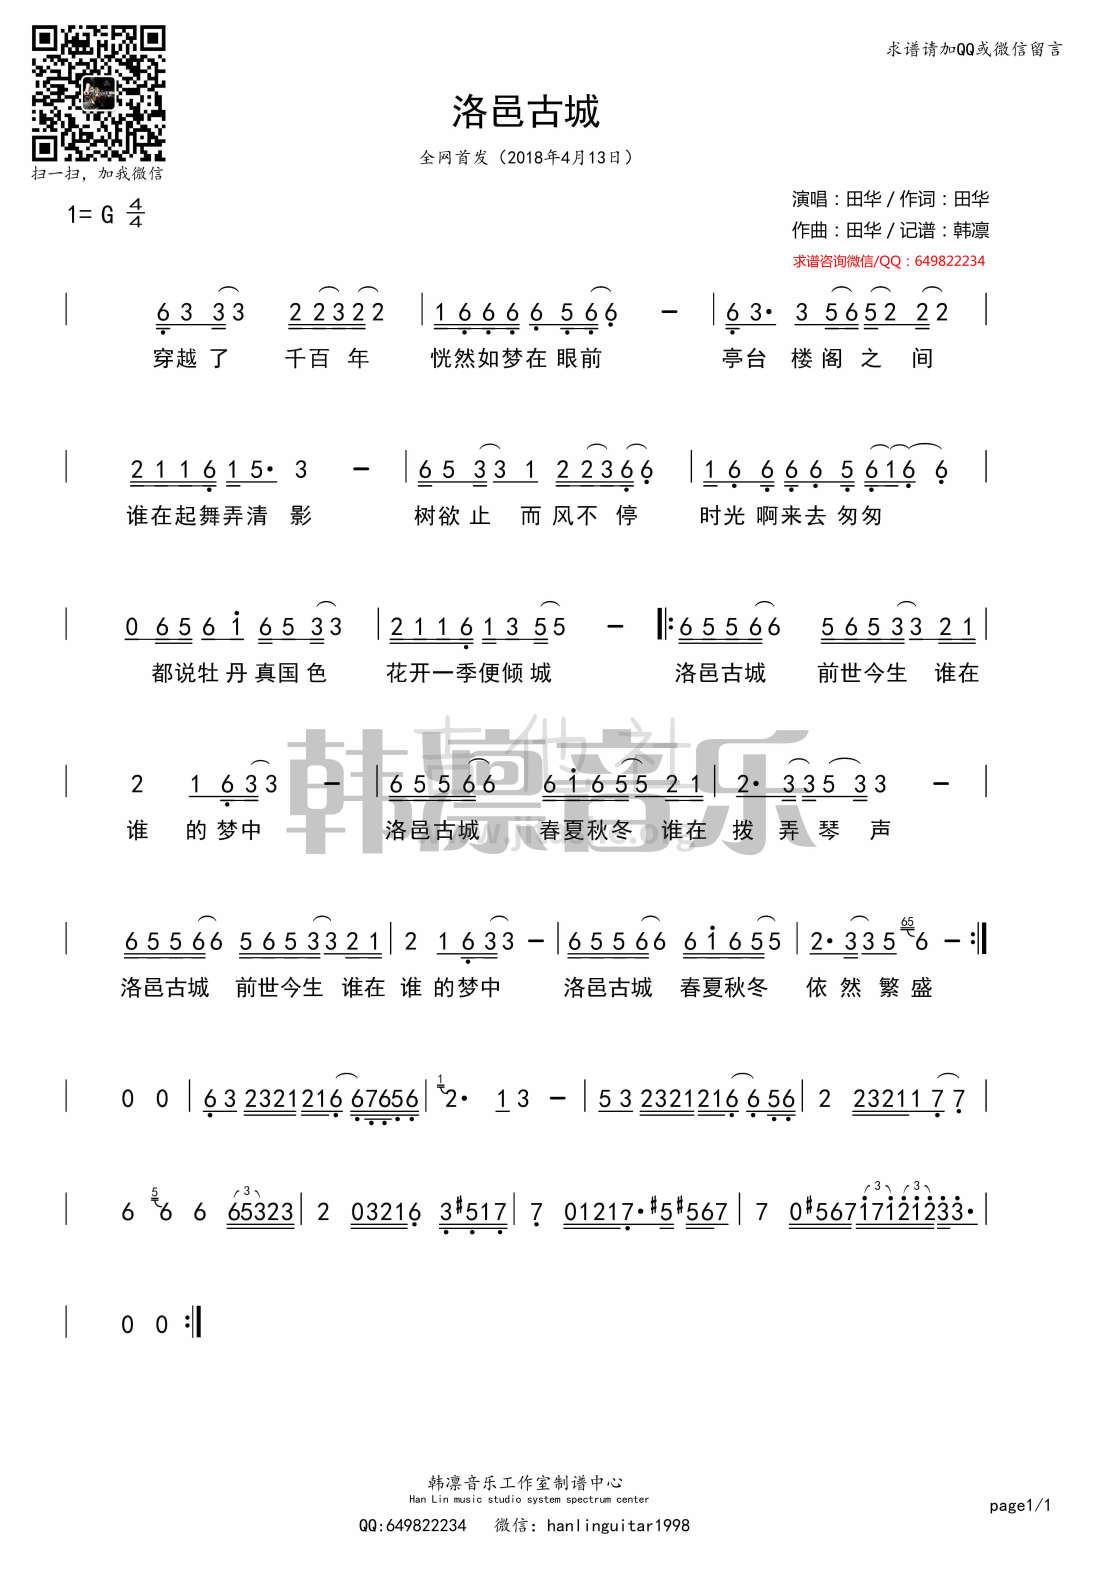 洛邑古城(韩凛音乐制谱)吉他谱(图片谱,简谱)_田华_田华《洛邑古城》韩凛音乐制谱